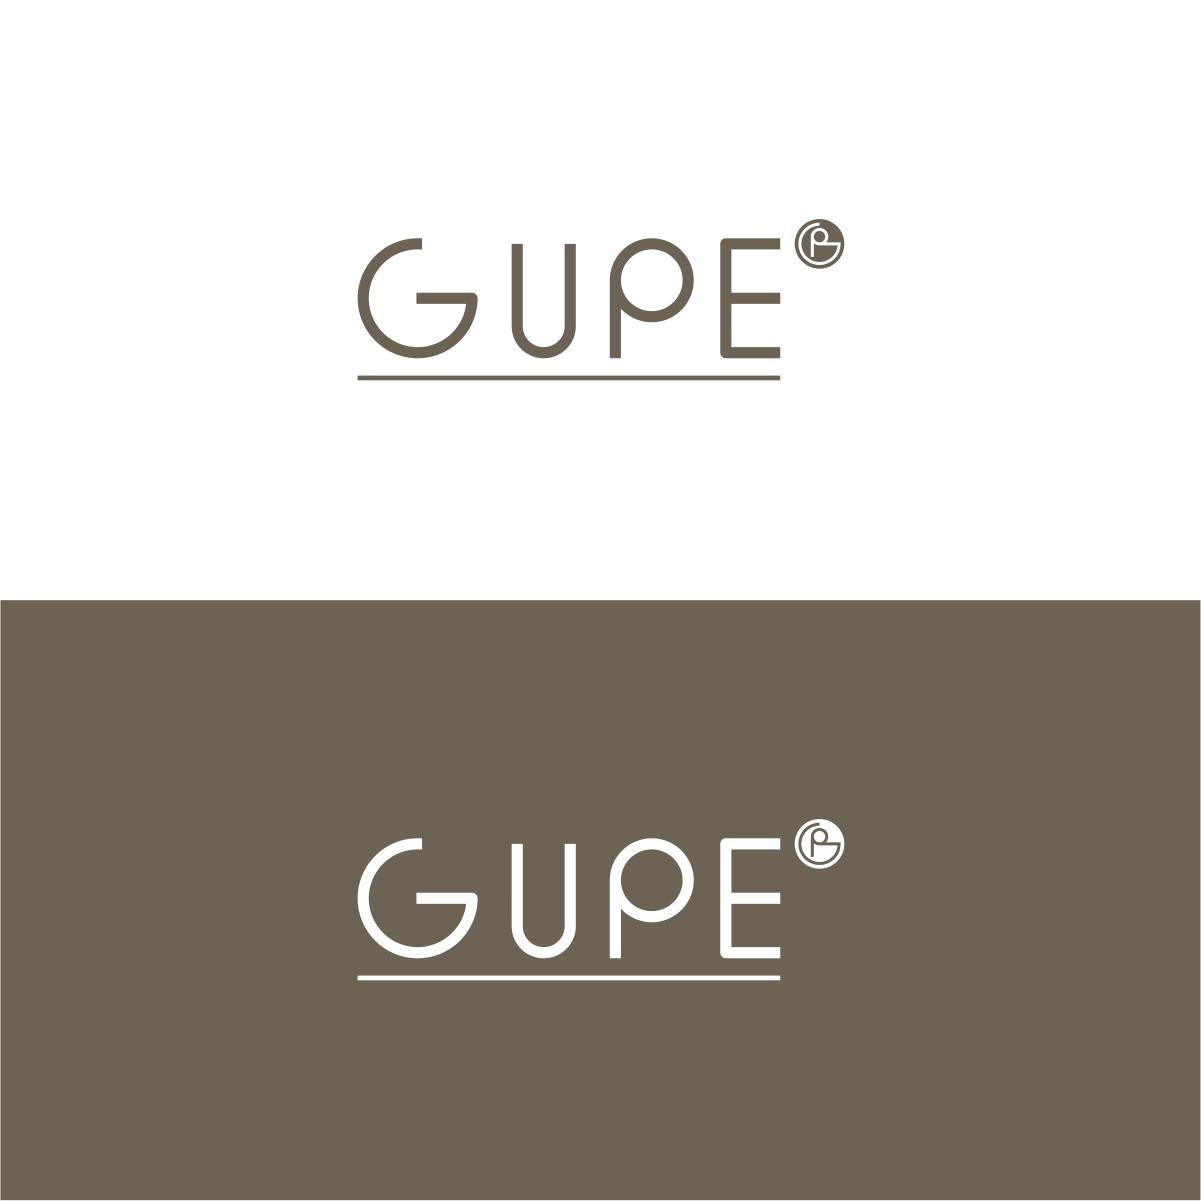 Elegant Modern Furniture Logo Design for Gupe subtitle